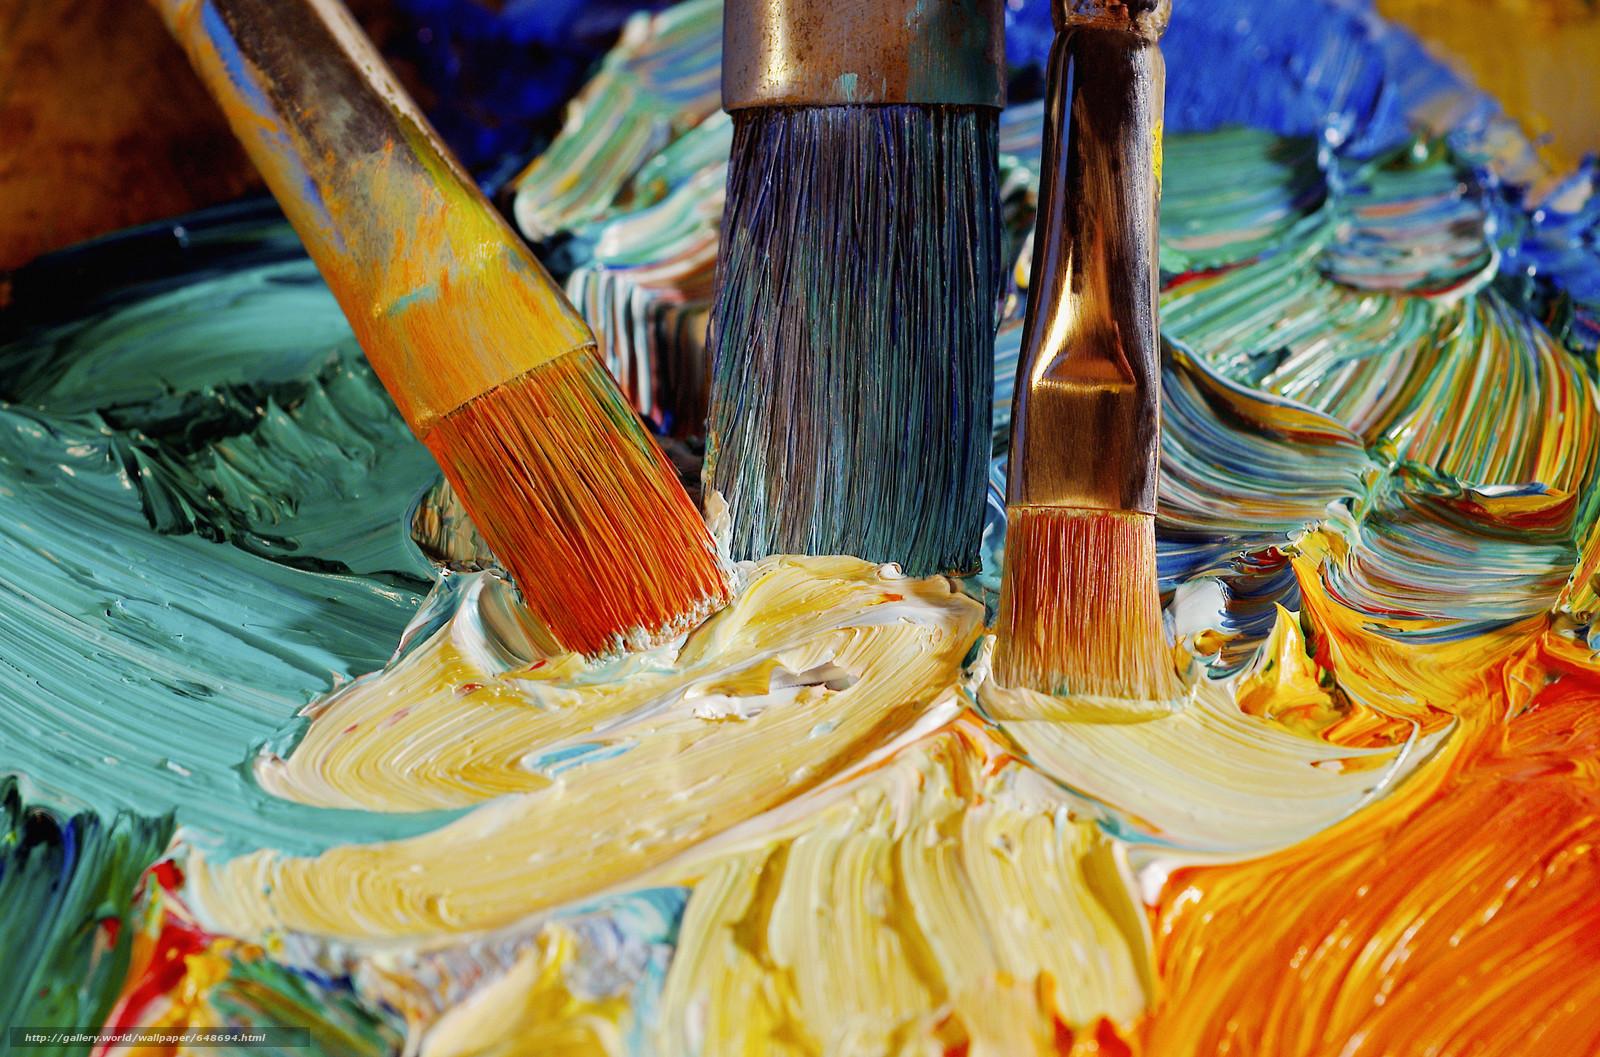 картинки масляные краски и холст вспомнить его